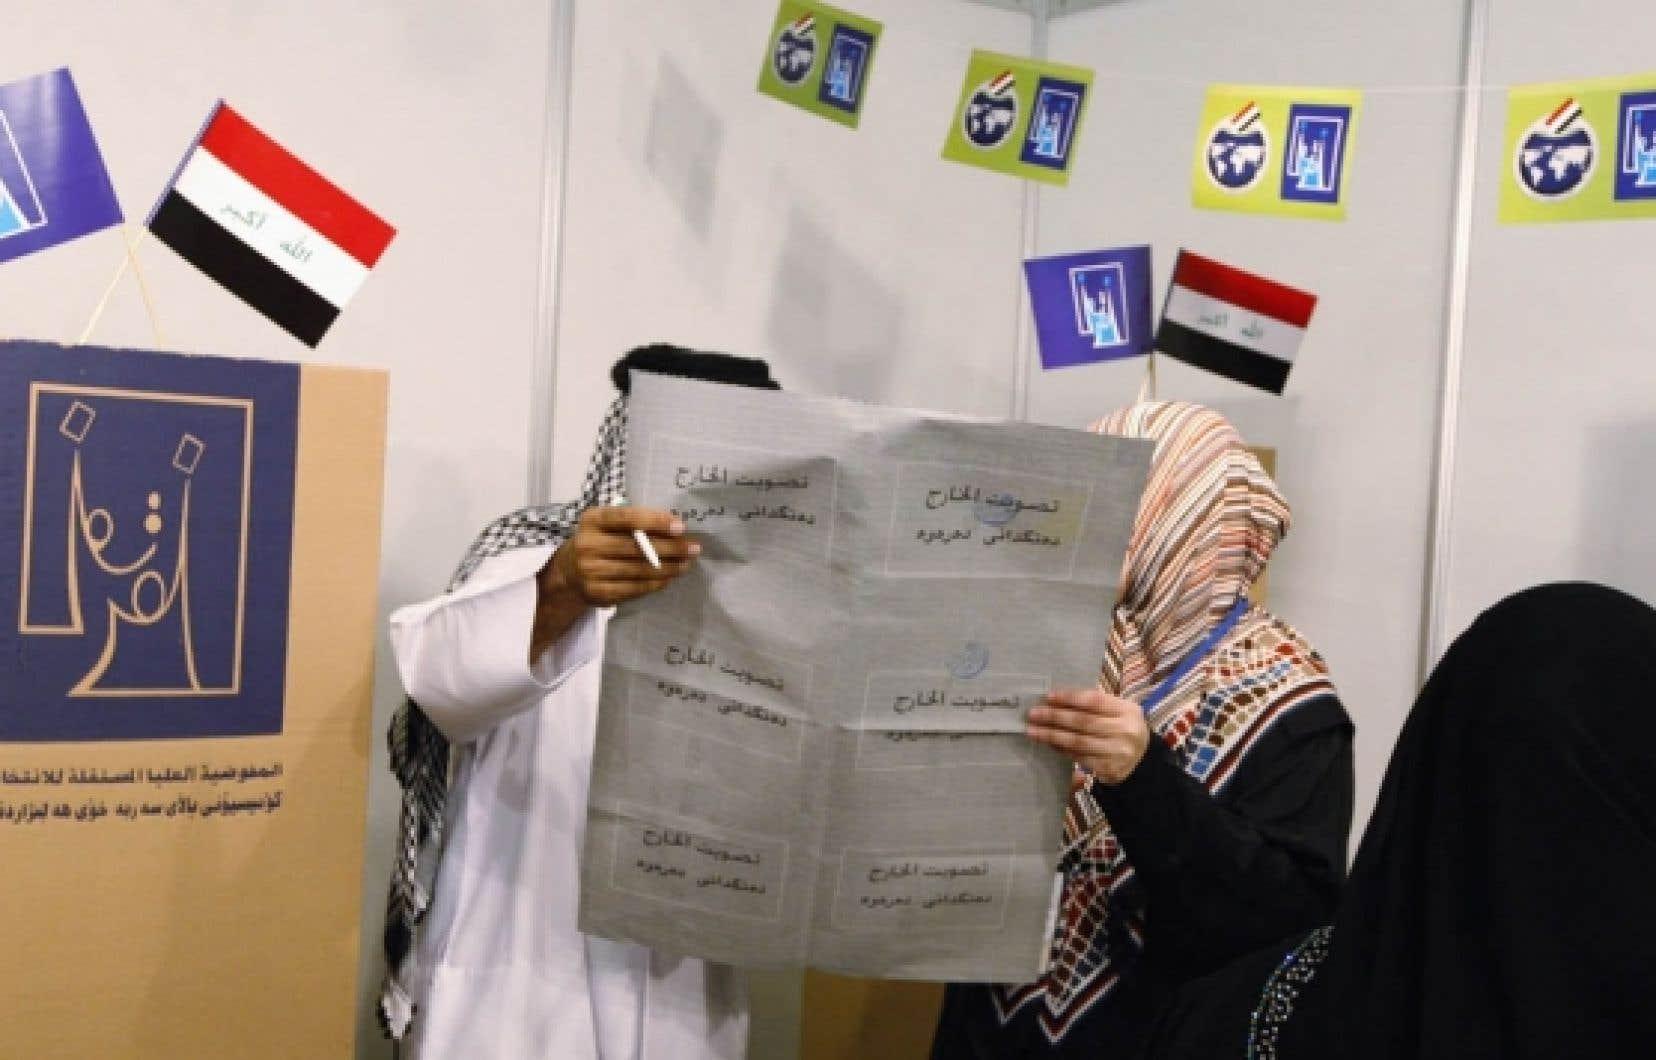 Un réfugié irakien vivant aux Émirats arabes unis s'est rendu voter hier à Dubaï.